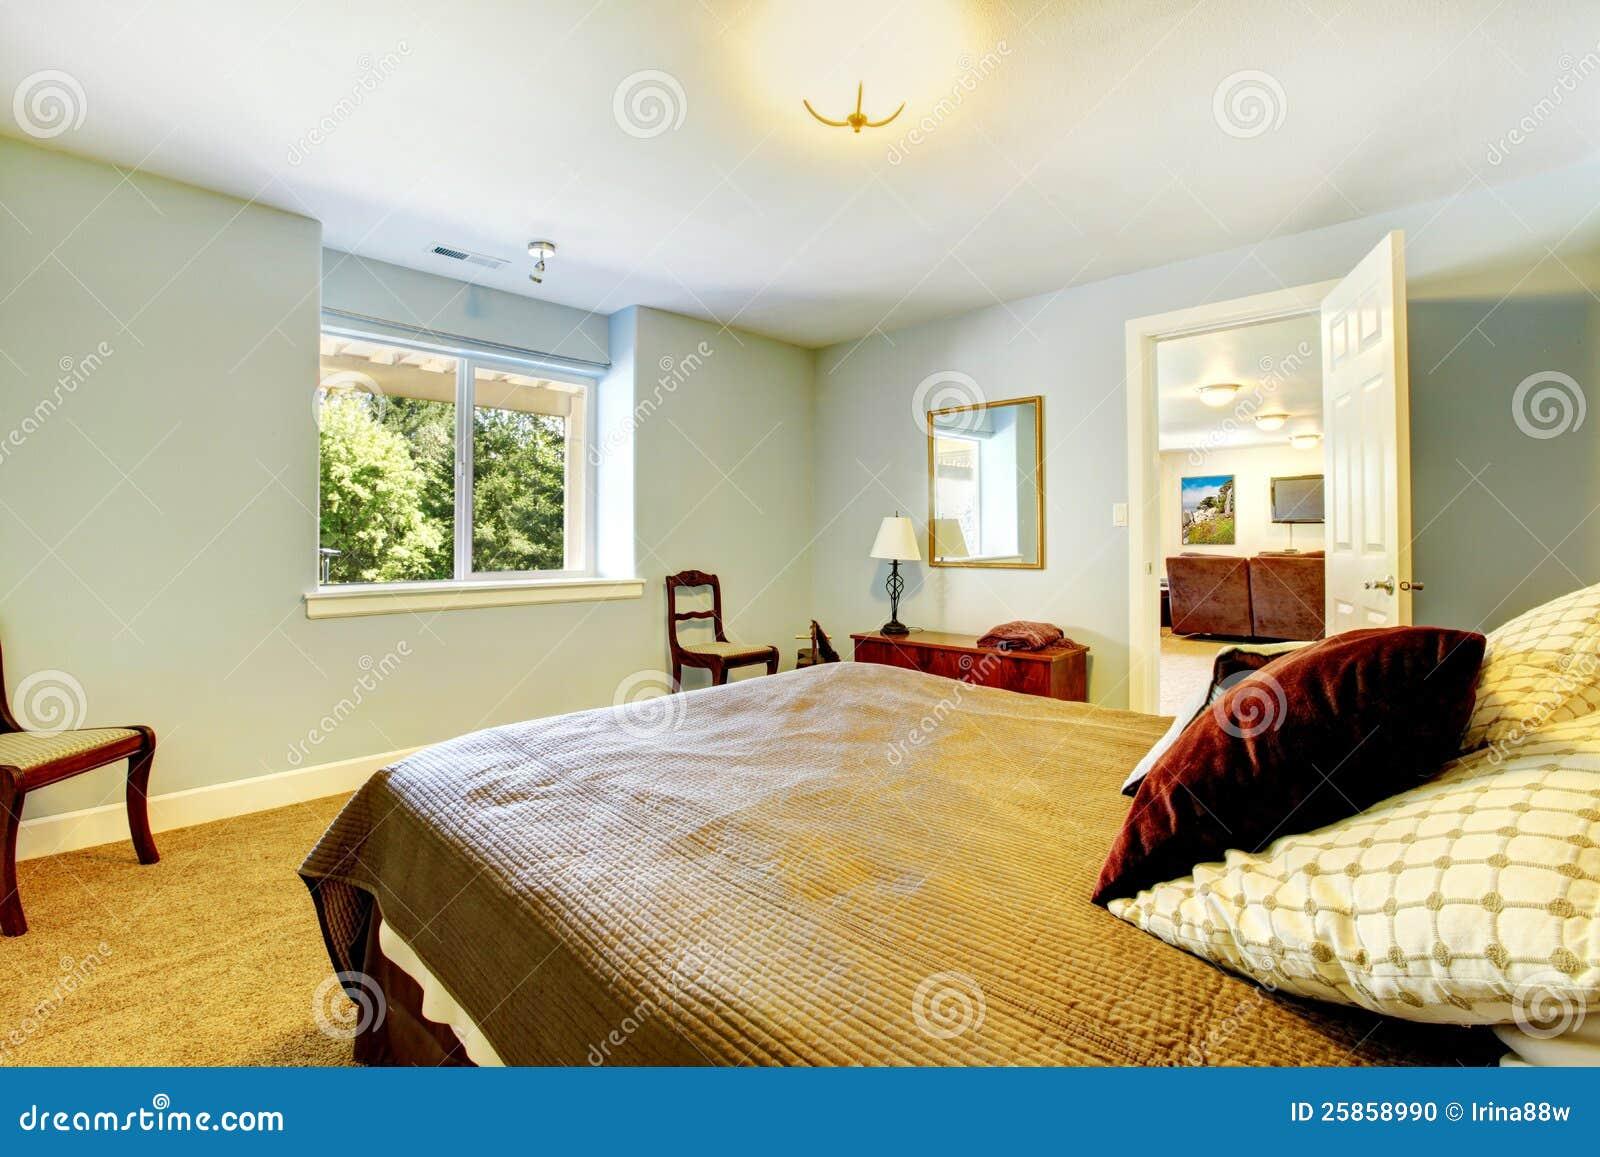 Camera da letto di ospite con le pareti blu e la base marrone fotografia stock immagine di - Camera da letto marrone ...